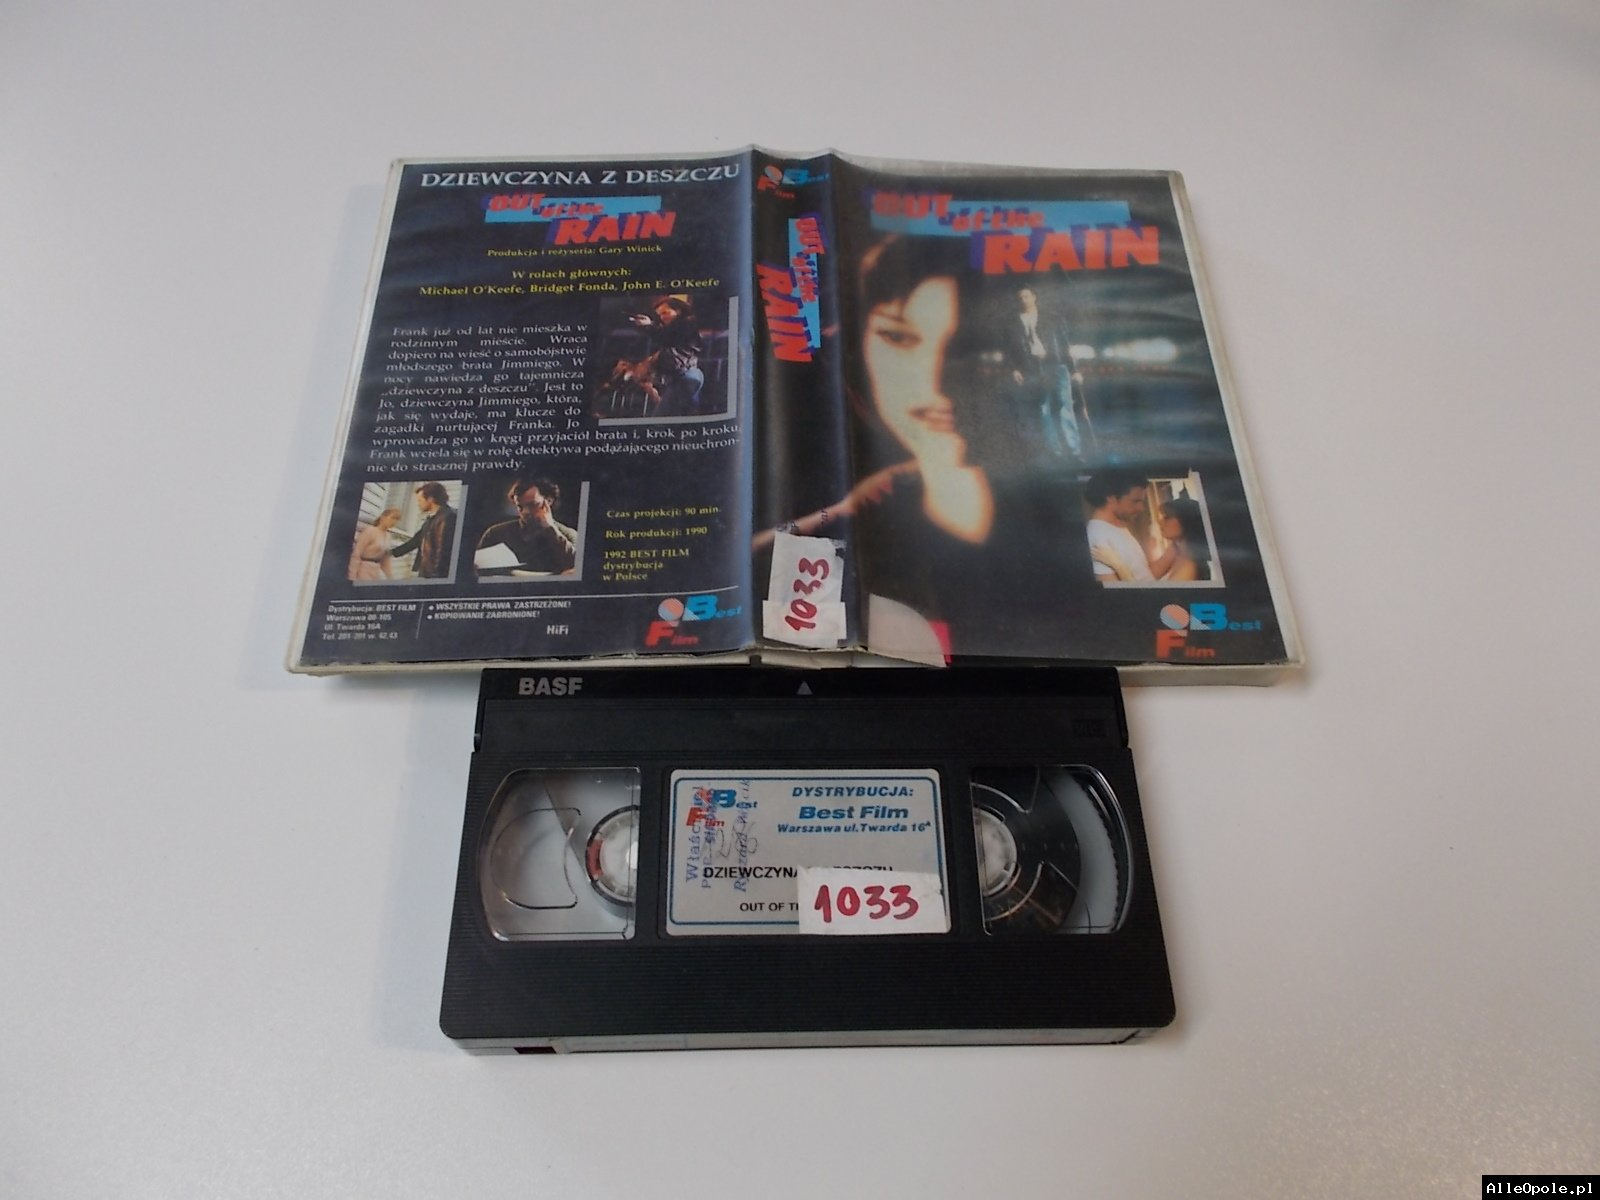 DZIEWCZYNA Z DESZCZU - VHS Kaseta Video - Opole 1708